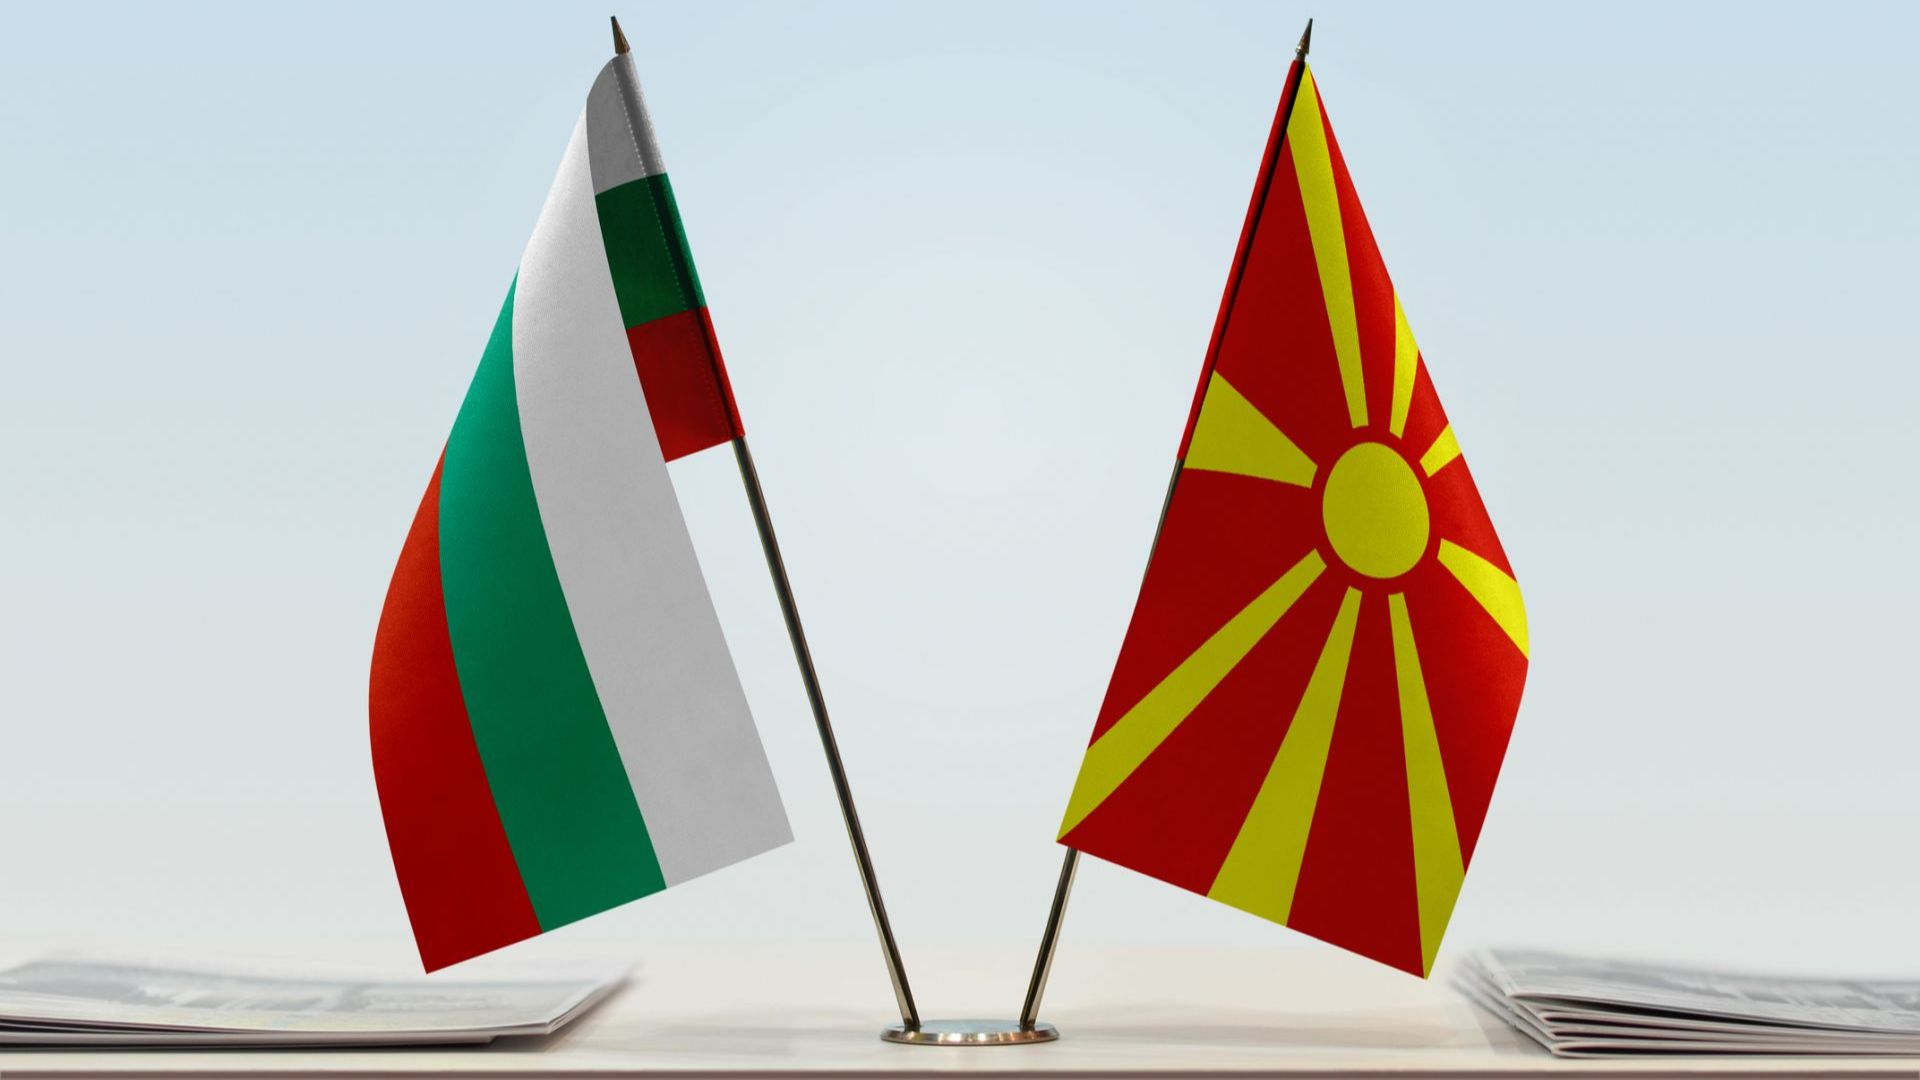 Скопие: Надяваме се на бърз отговор от България за нашите предложения